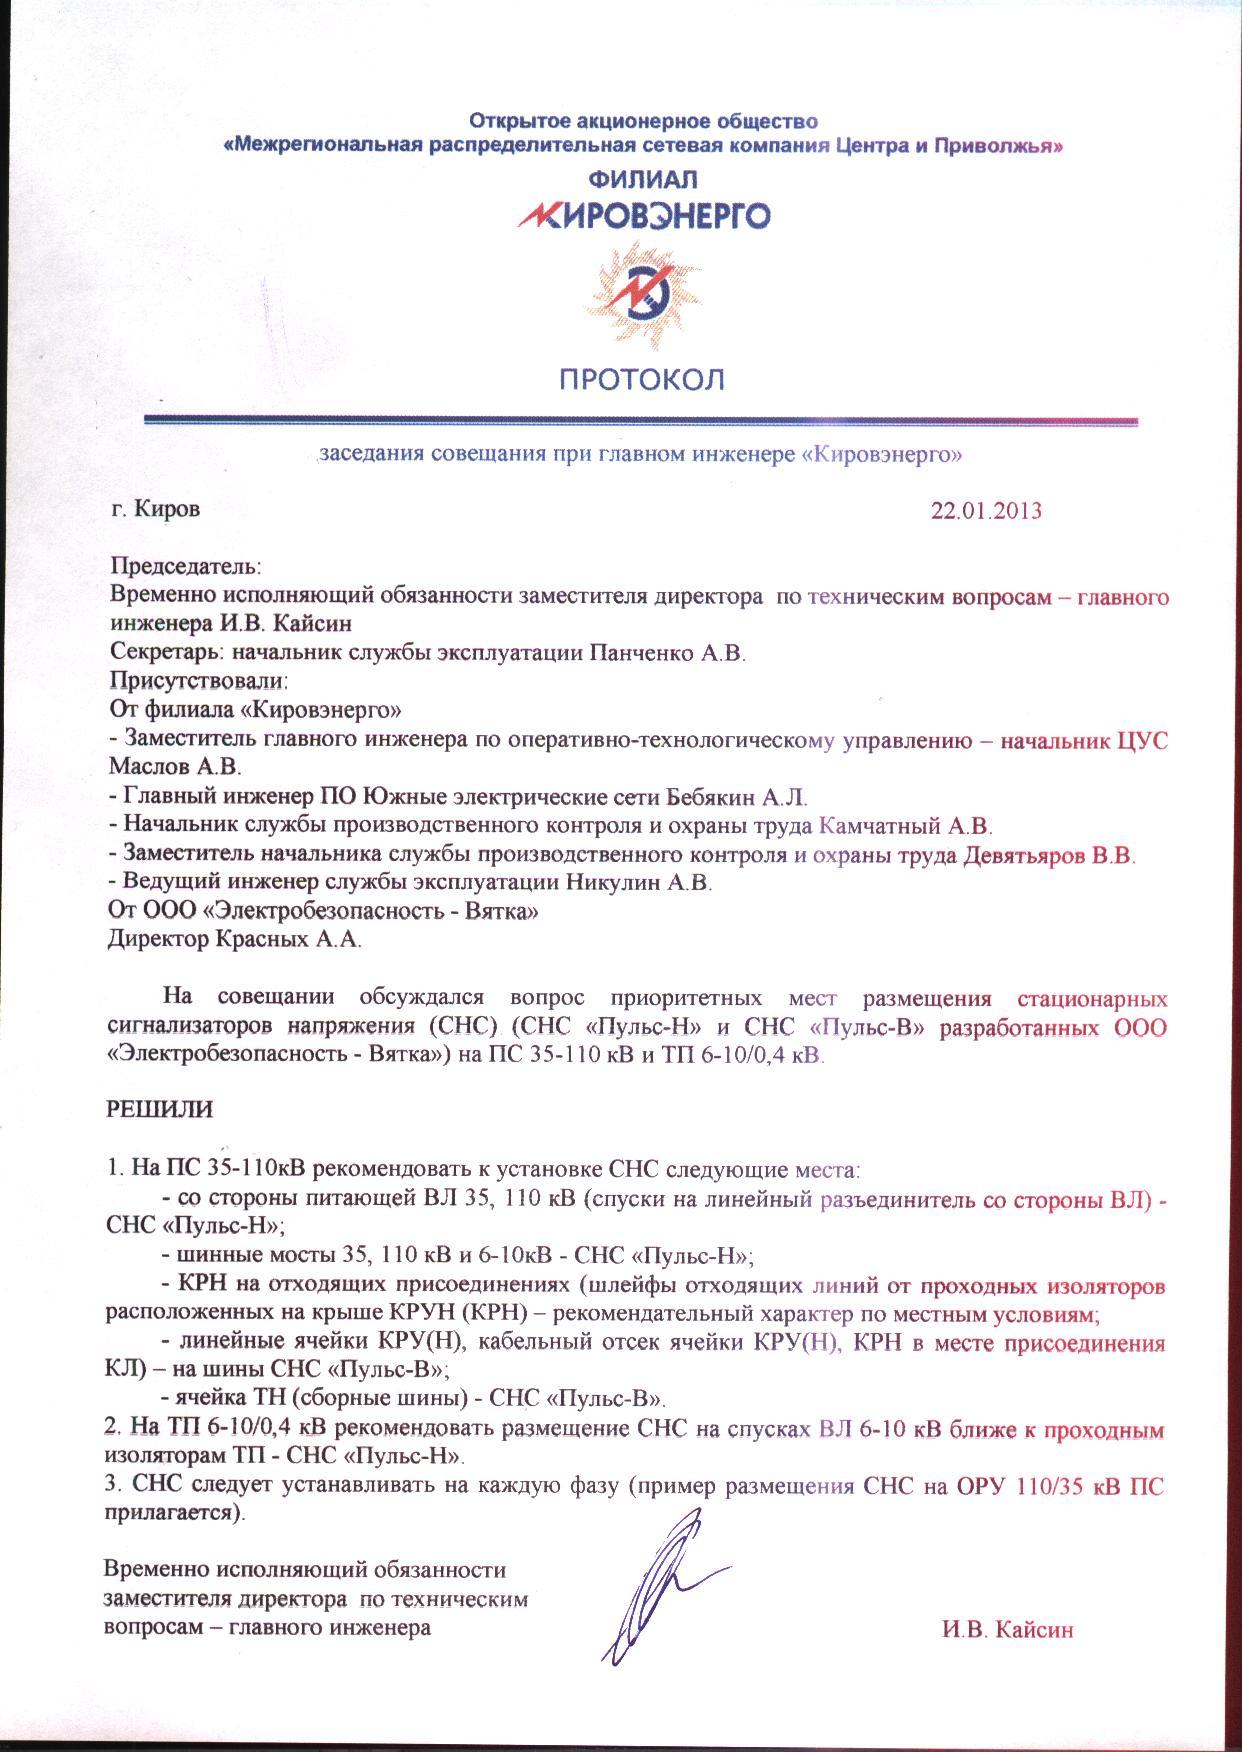 приказ об организации работы по электробезопасности в школе